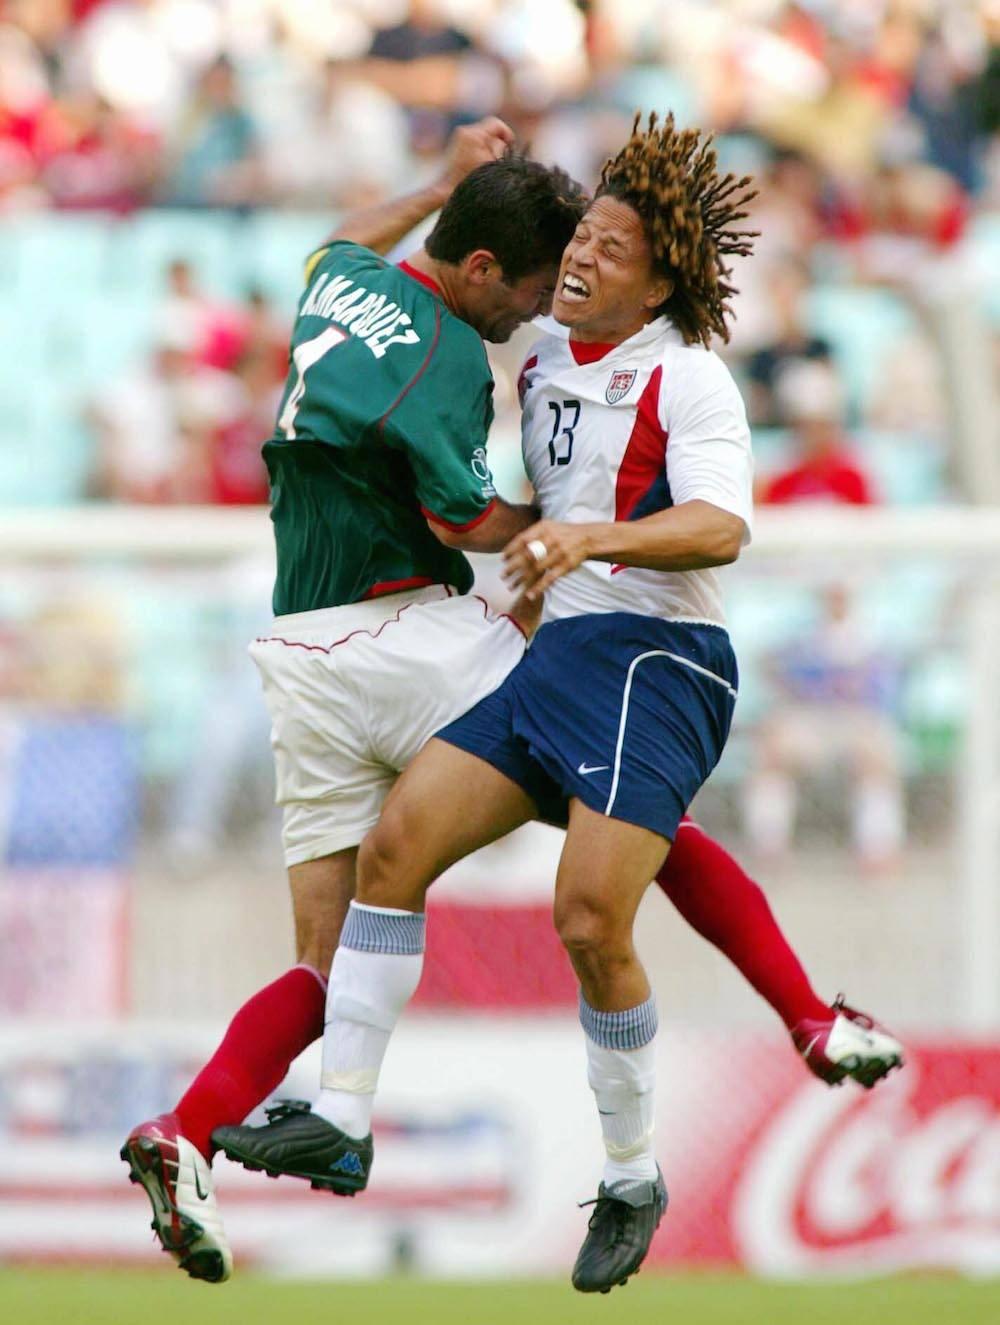 MUNDIAL COREA-JAPÓN 2002, MÉXICO VS ESTADOS UNIDOS: El rival esta vez en los octavos de final de ese Mundial para México fue Estados Unidos, a quien en ocasiones anteriores se había derrotado fácilmente. Los mexicanos llegaron confiados a ese duelo y ya estaban pensando en Alemania, que hubiera sido su rival en cuartos de final pero los norteamericanos maniataron al equipo dirigido por Javier Aguirre y con un buen futbol los doblegaron 2-0 quedando un sabor muy amargo que no se ha podido olvidar. Mexsport